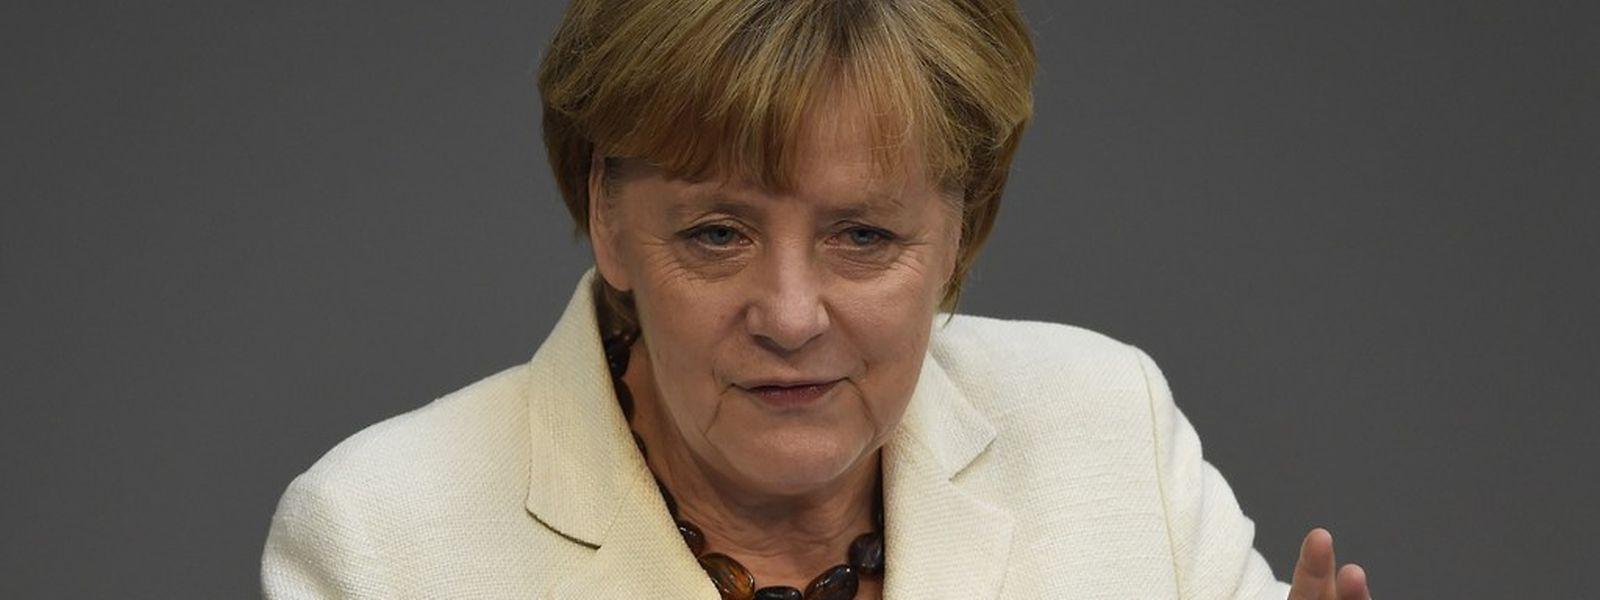 Angela Merkel setzt sich dafür ein, dass die angekündigten Sanktionen gegen Russland schnellstmöglich umgesetzt werden.